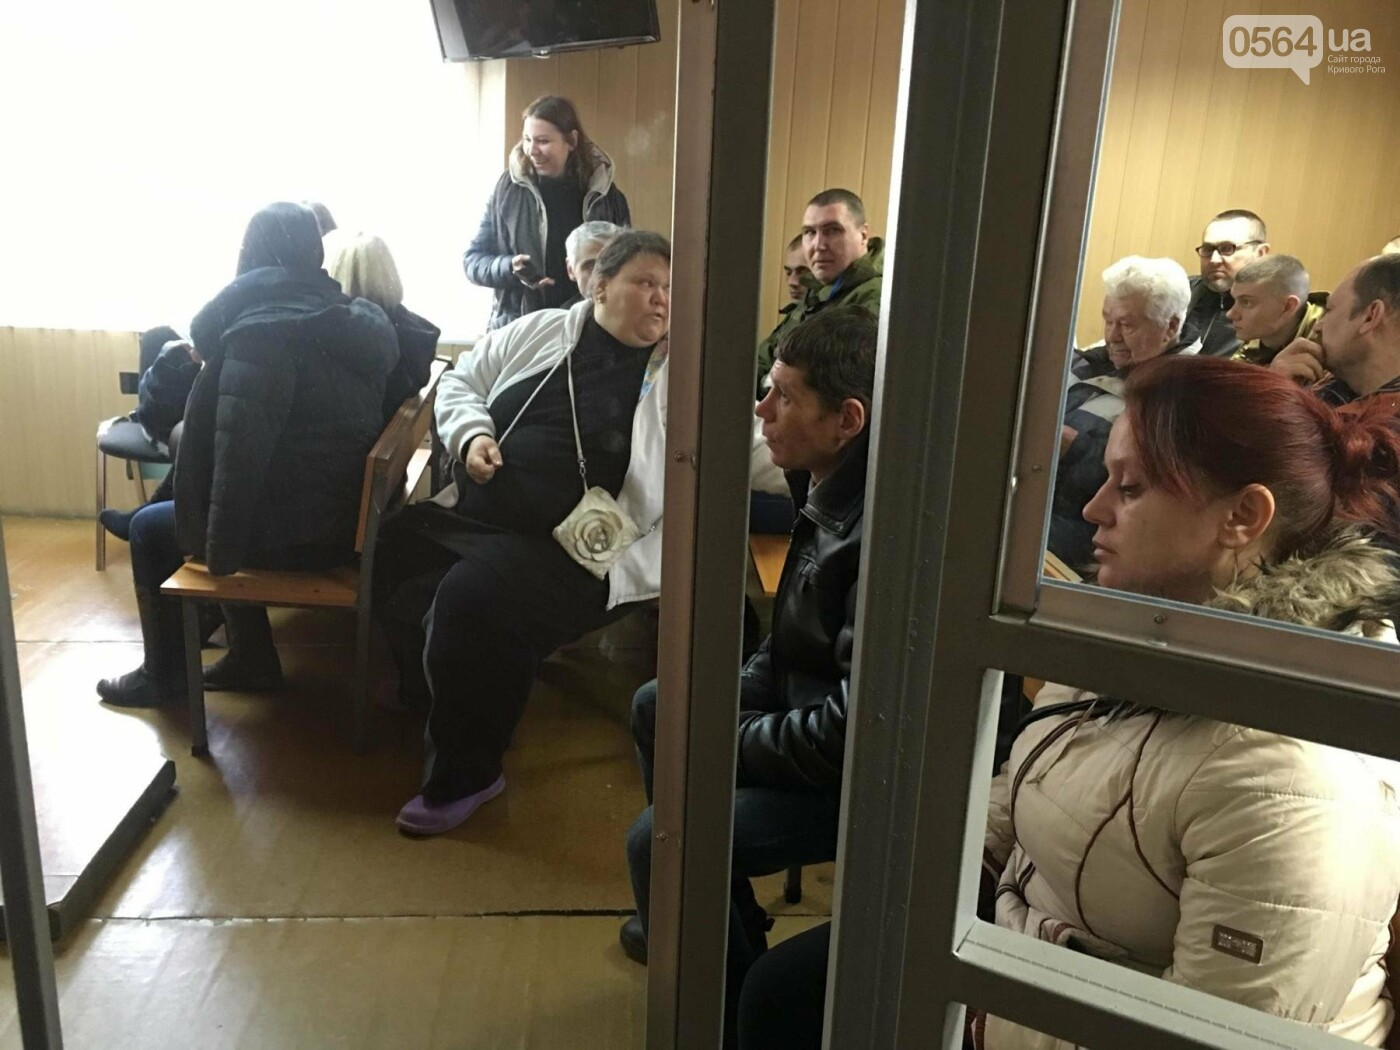 Дело о надругательстве над Флагом в Кривом Роге: Свидетель показал, что подсудимый с остервенением ломал флагшток и срывал Флаг (ФОТО), фото-16